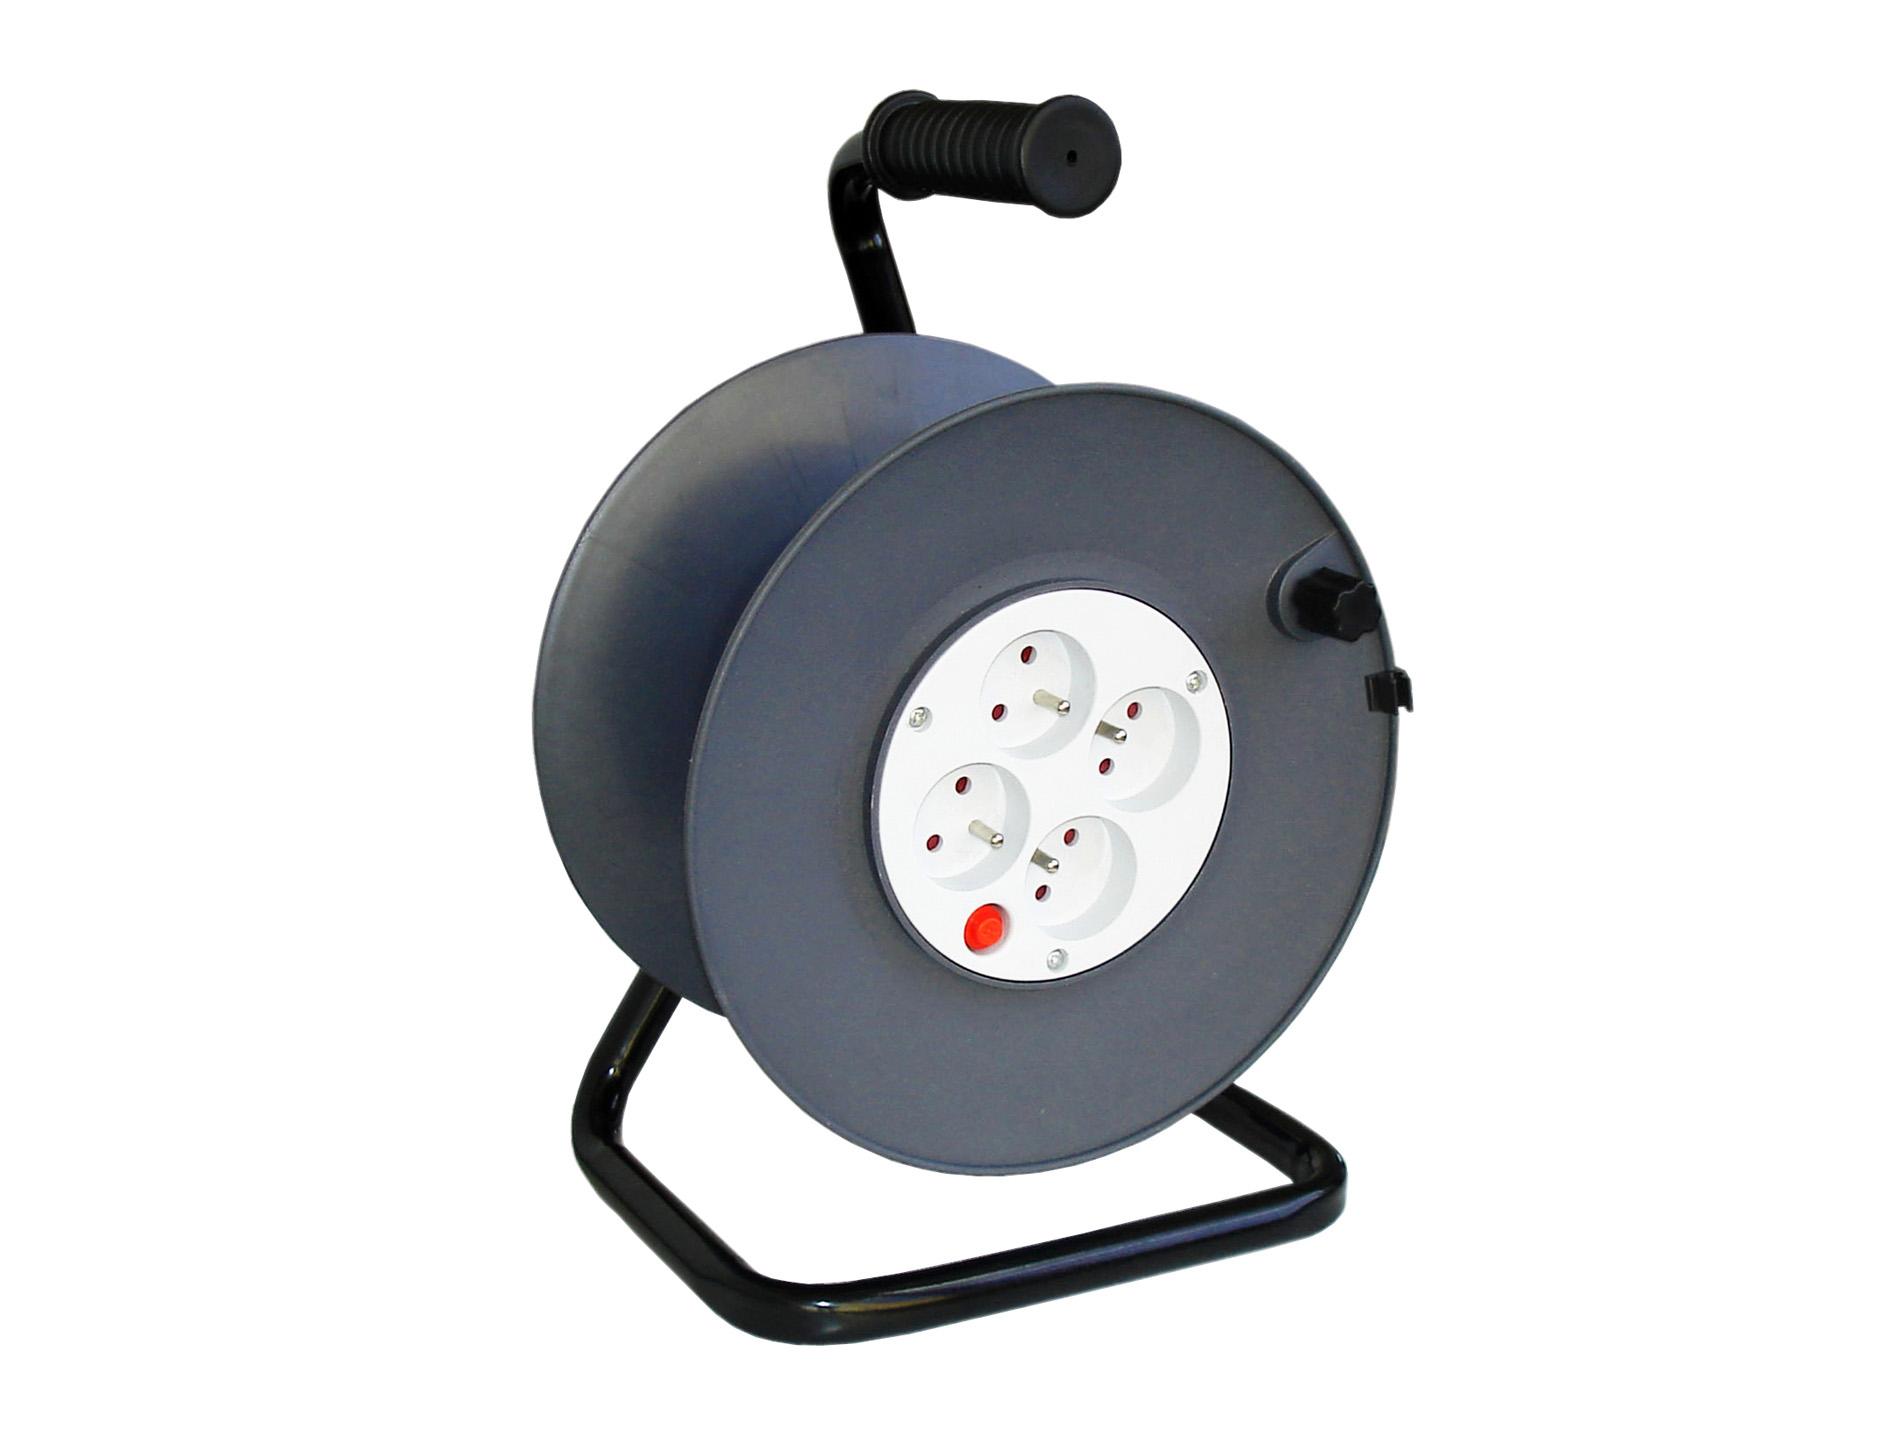 enrouleur c ble lectrique vide 4 prises coupe circuit rallonge enrouleur fiche. Black Bedroom Furniture Sets. Home Design Ideas